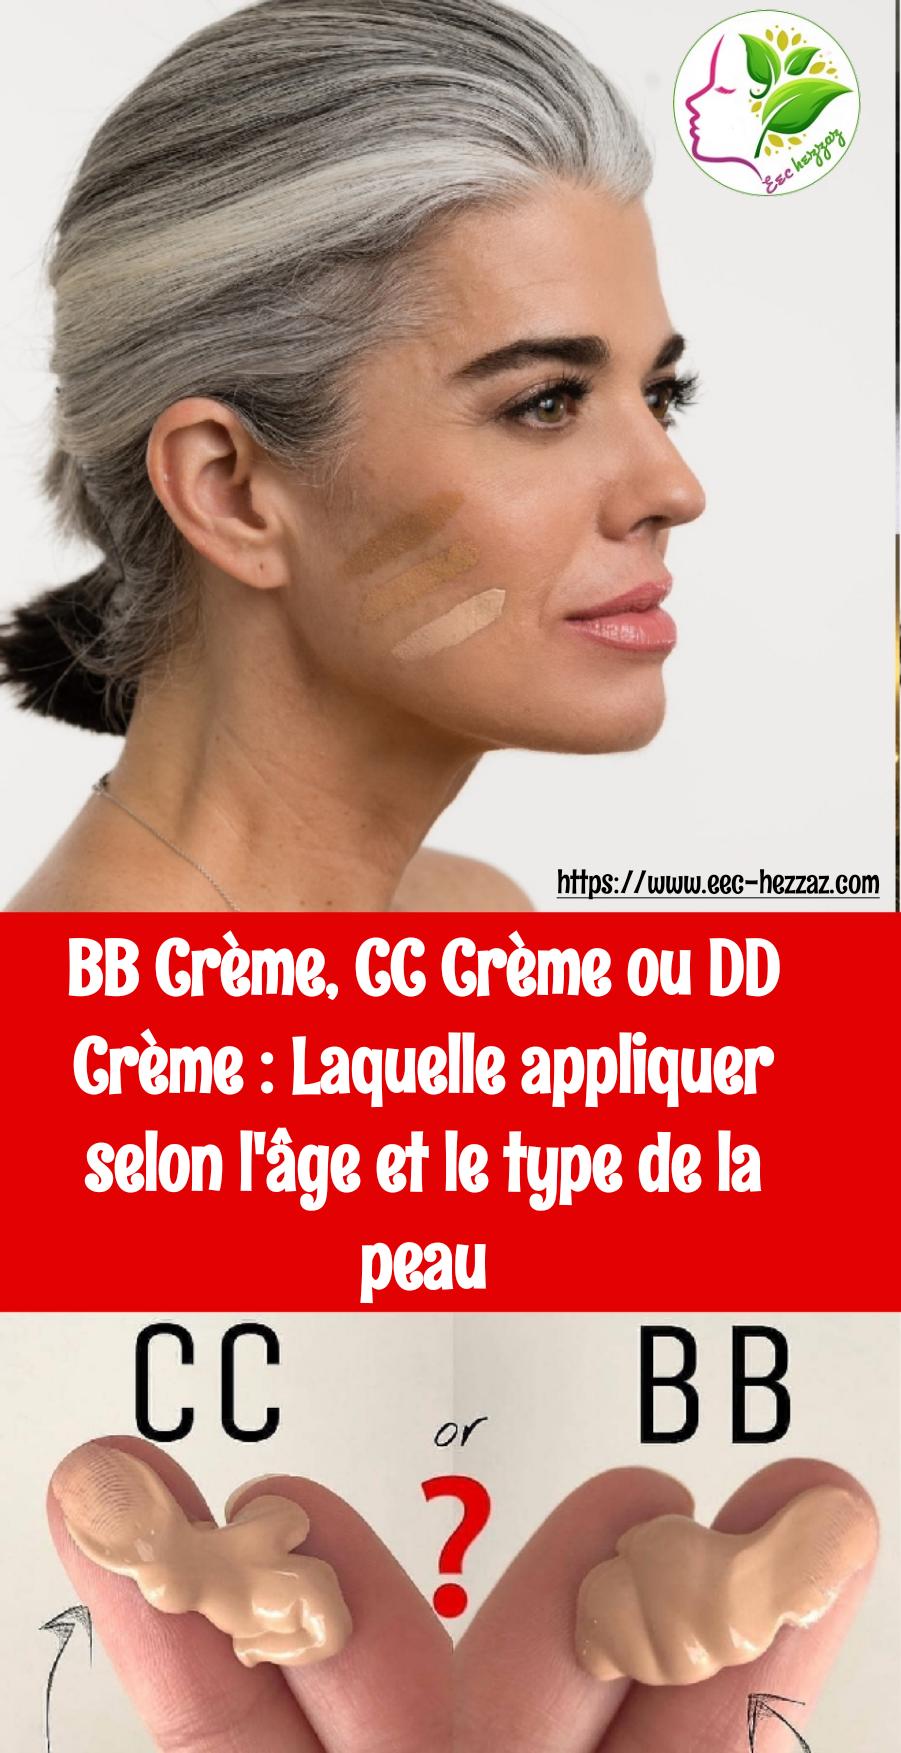 BB Crème, CC Crème ou DD Crème : Laquelle appliquer selon l'âge et le type de la peau